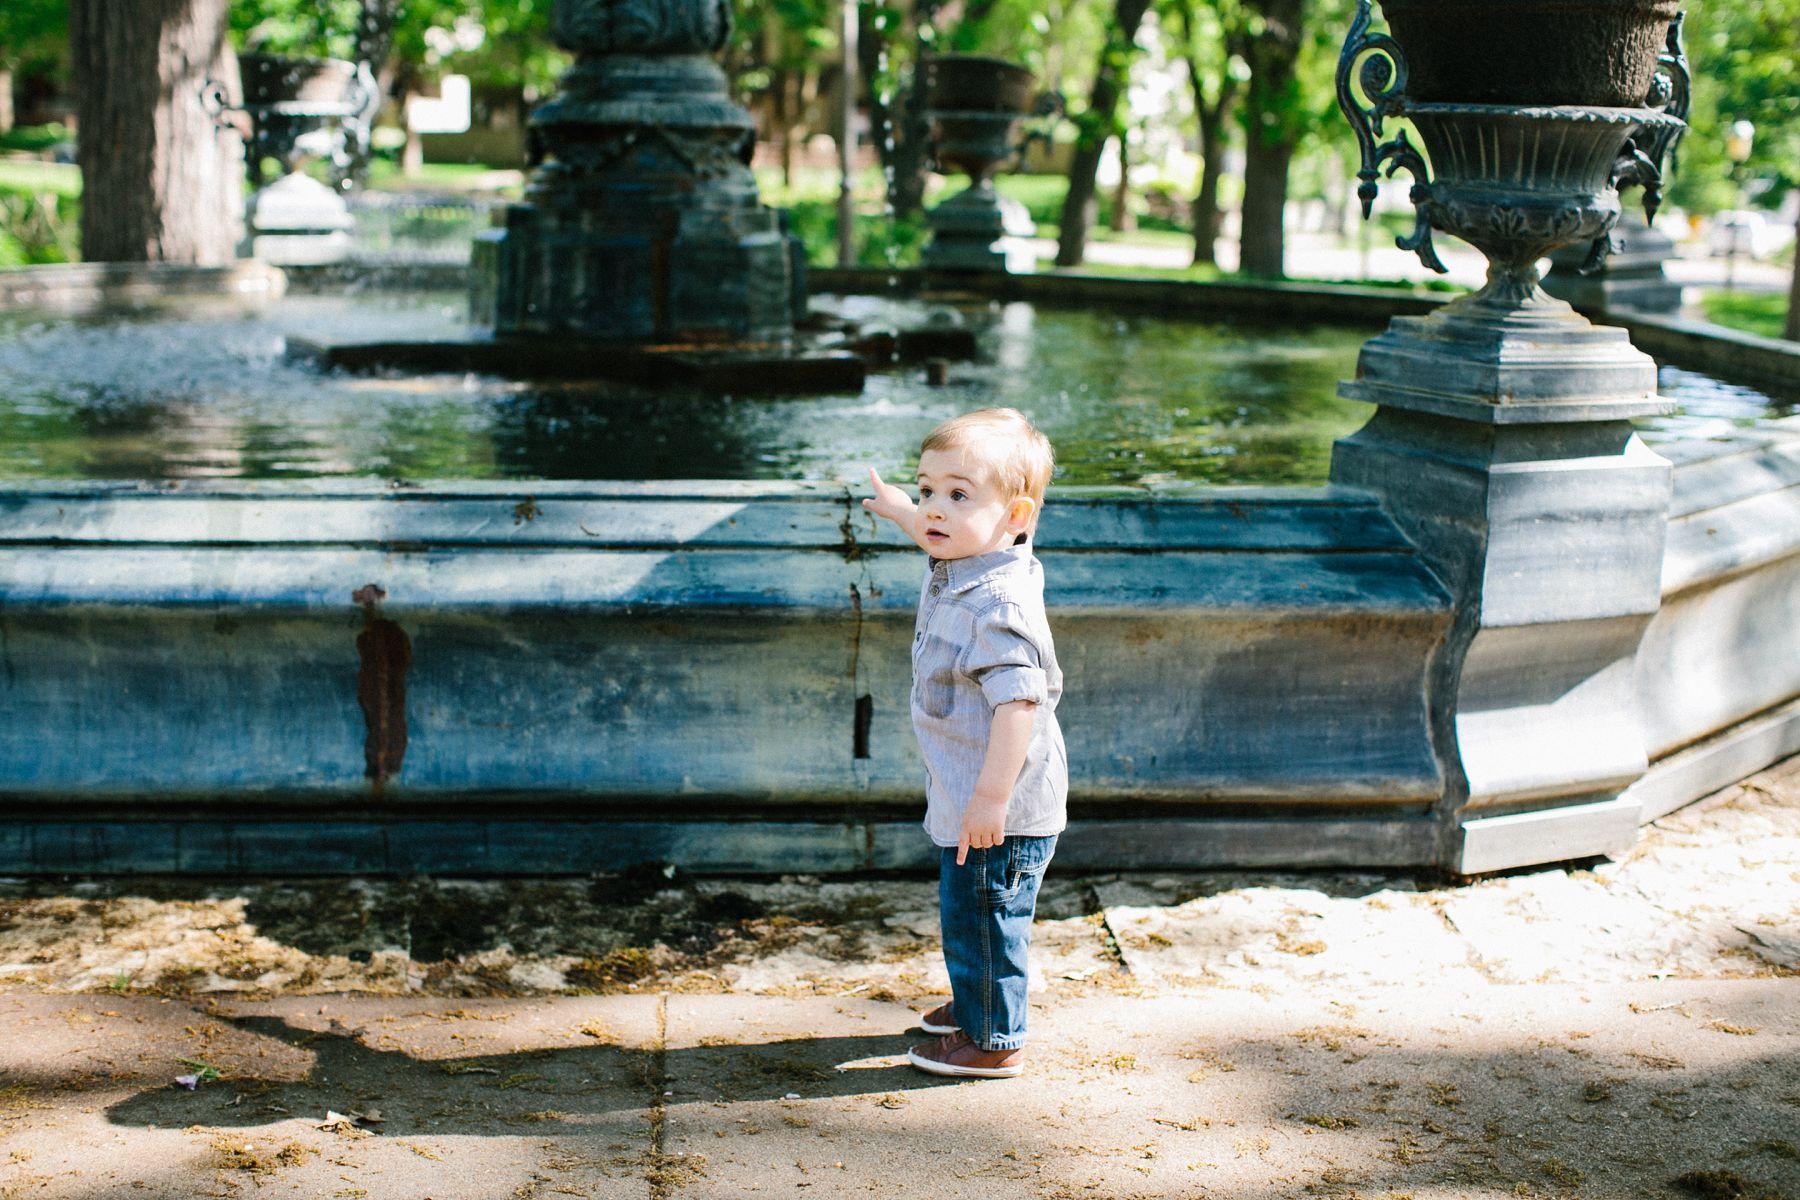 Saint_Paul_Family_Photos-Historic_Parks_1369.jpg